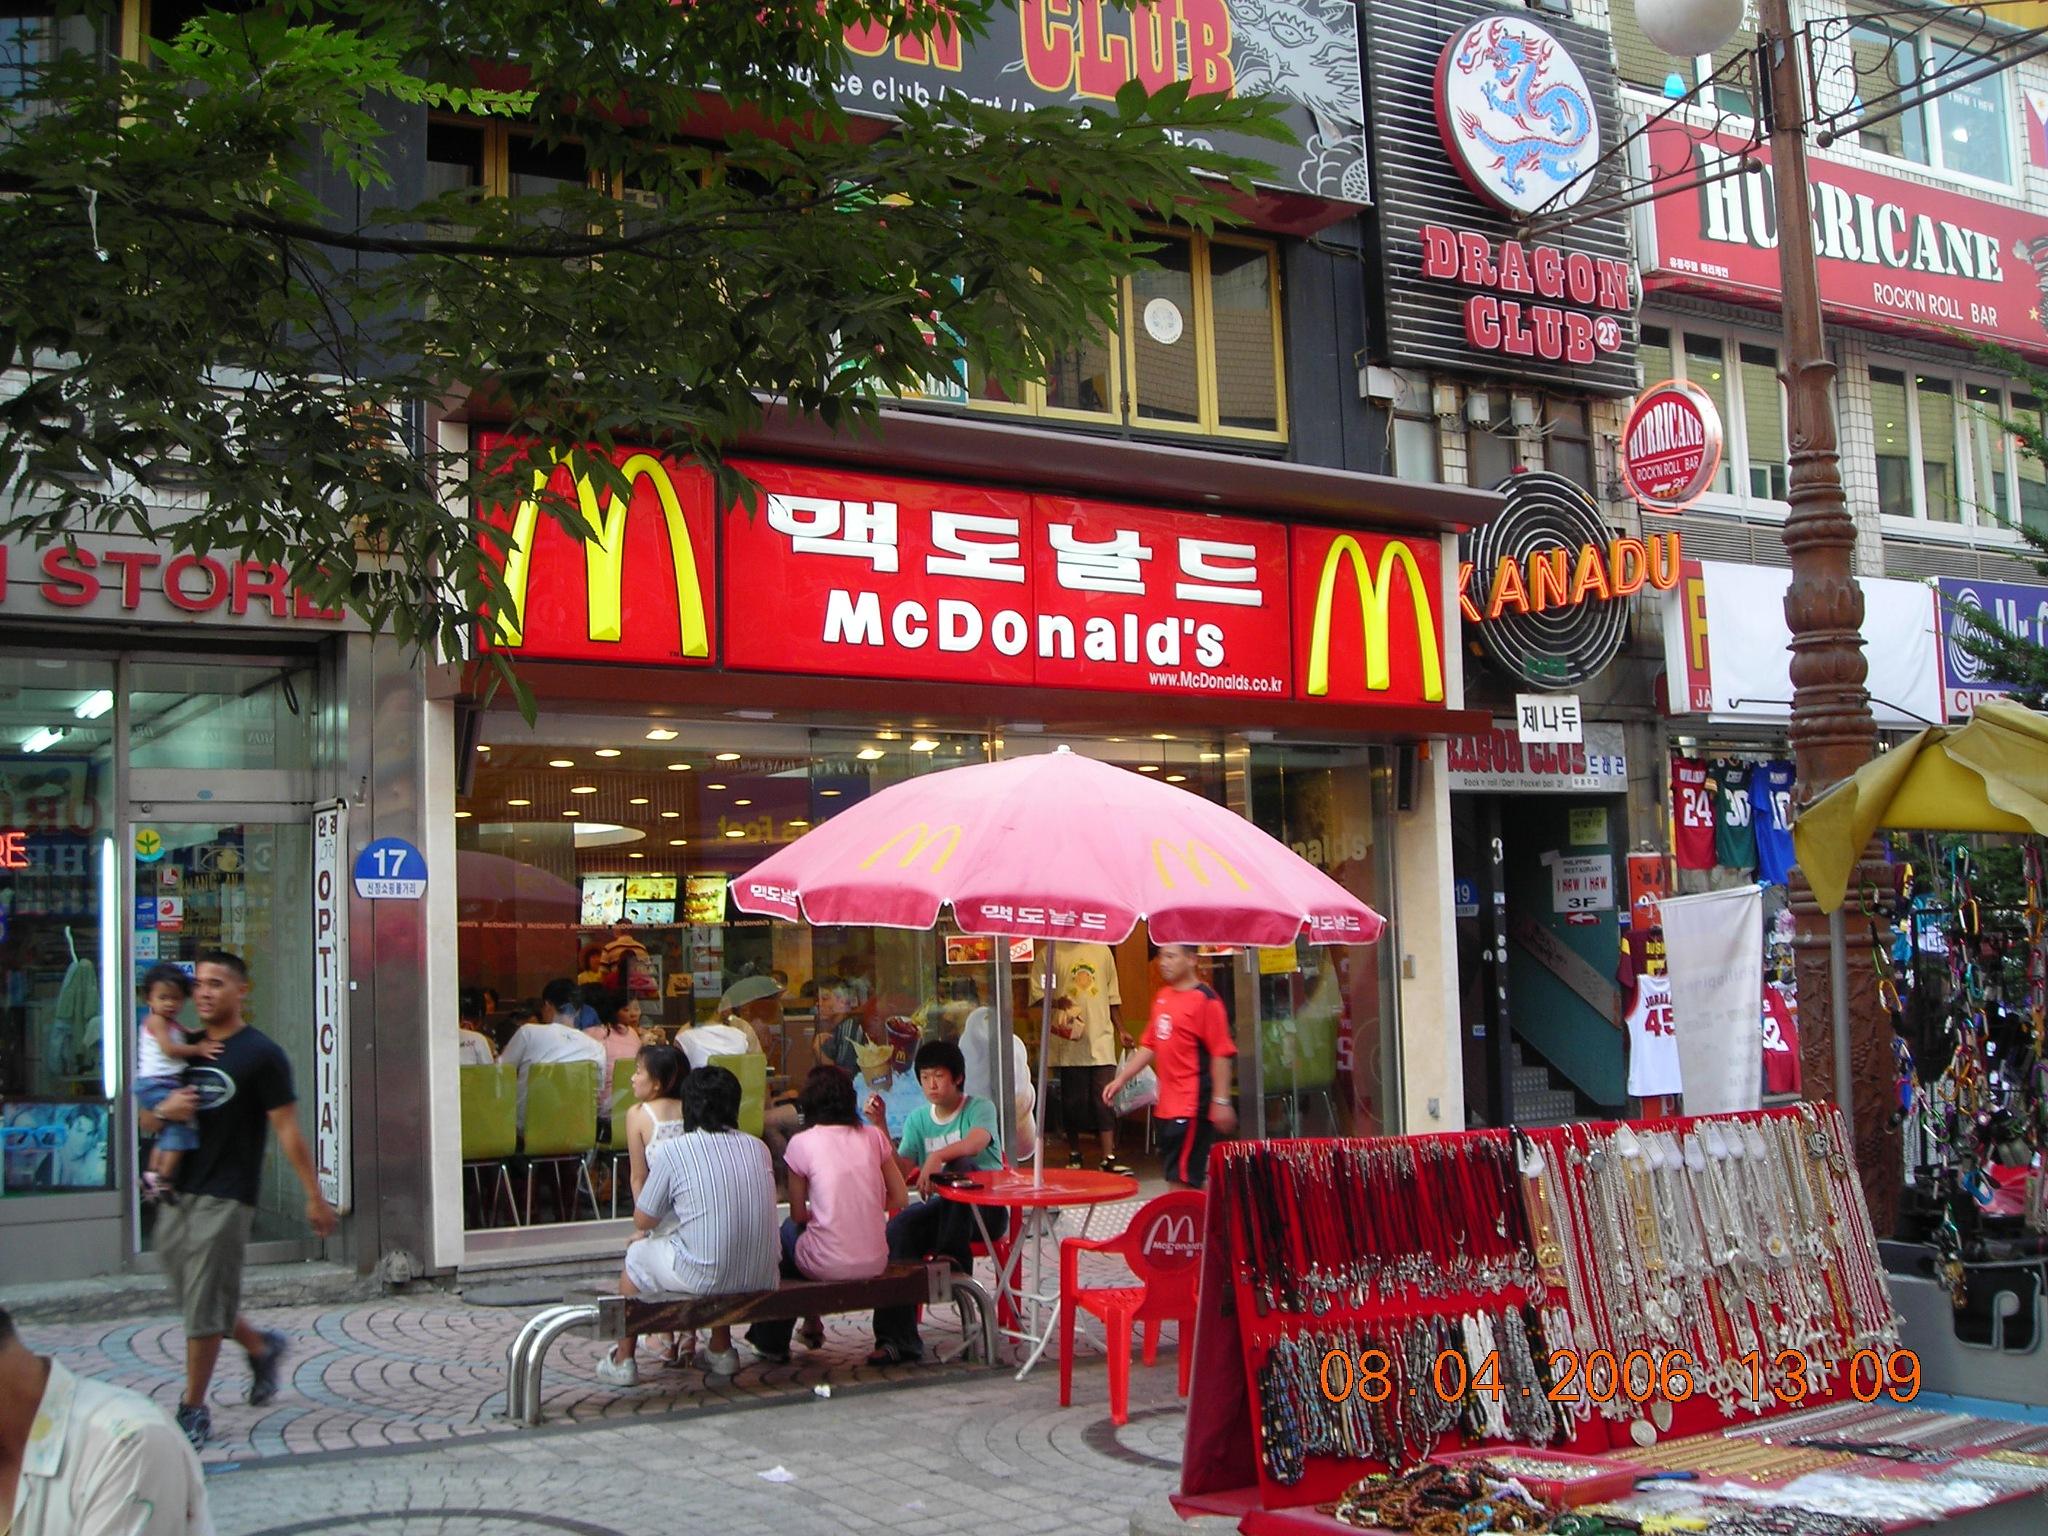 Street In Korea by DavidSimpson